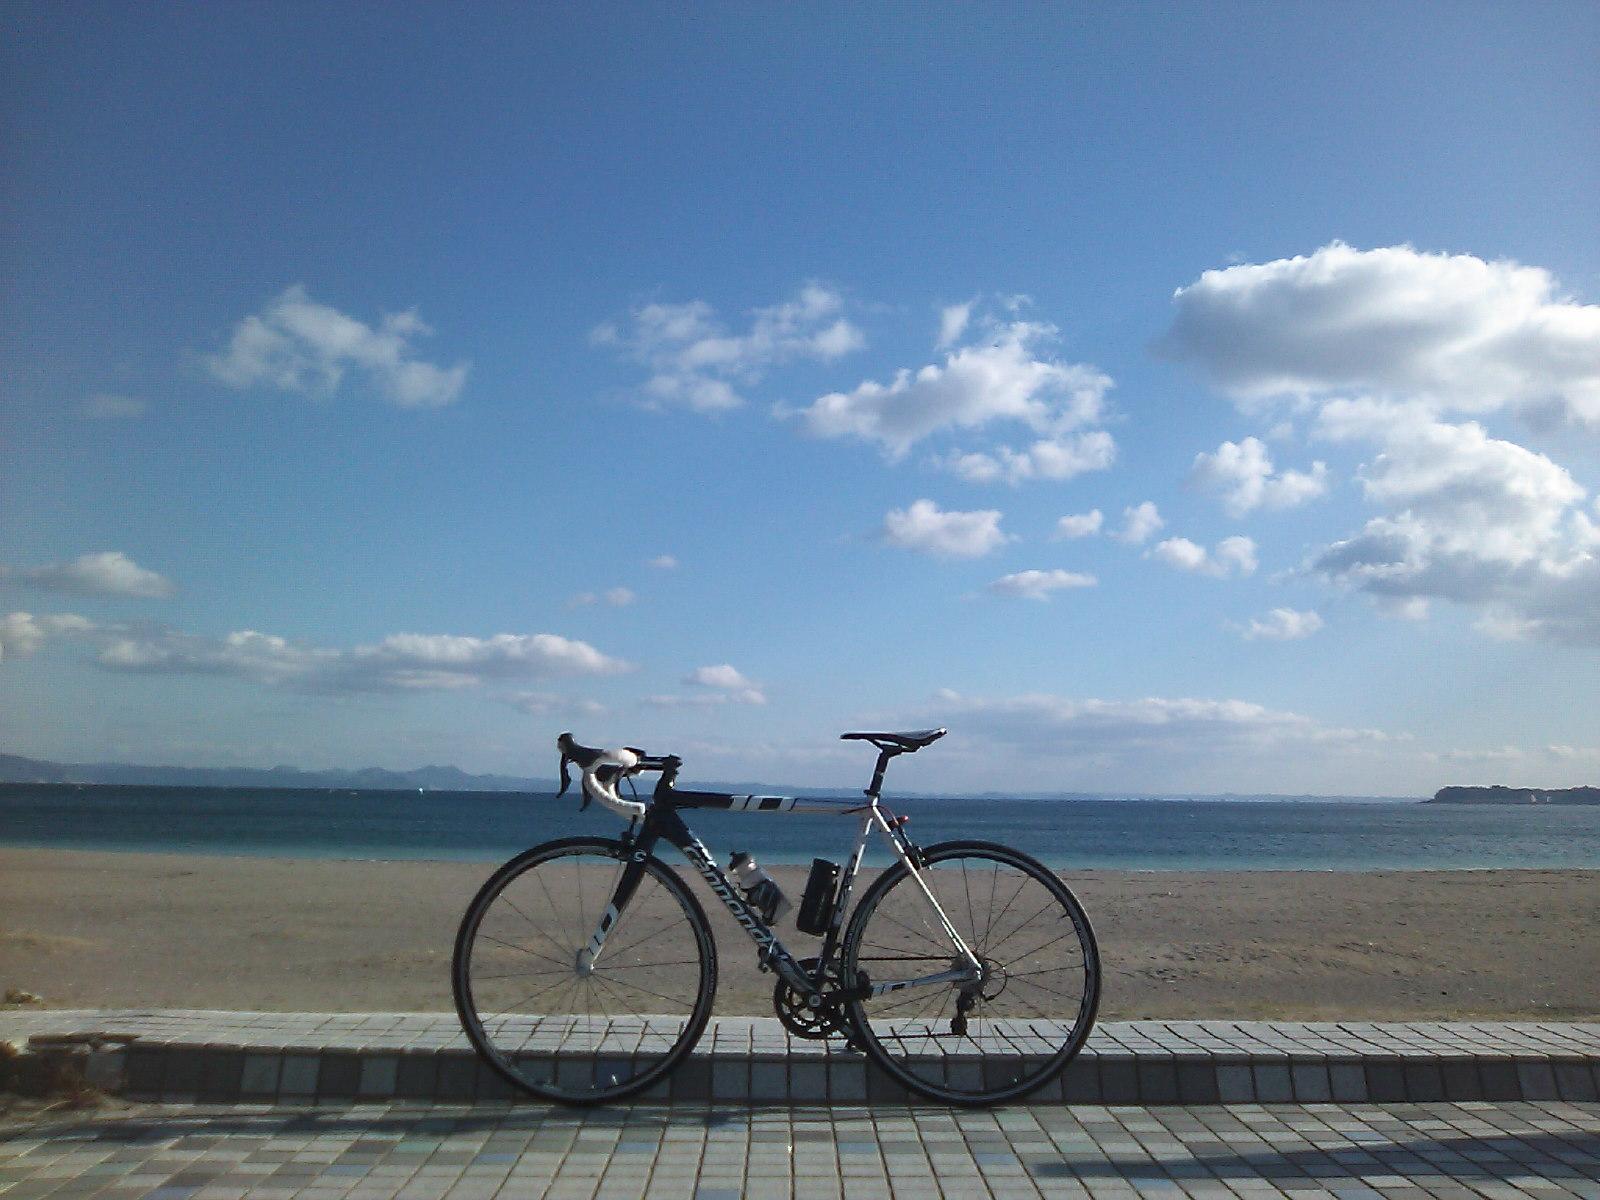 19夏 ロードバイク雑感 Caad13リリース 空と風とロードバイク